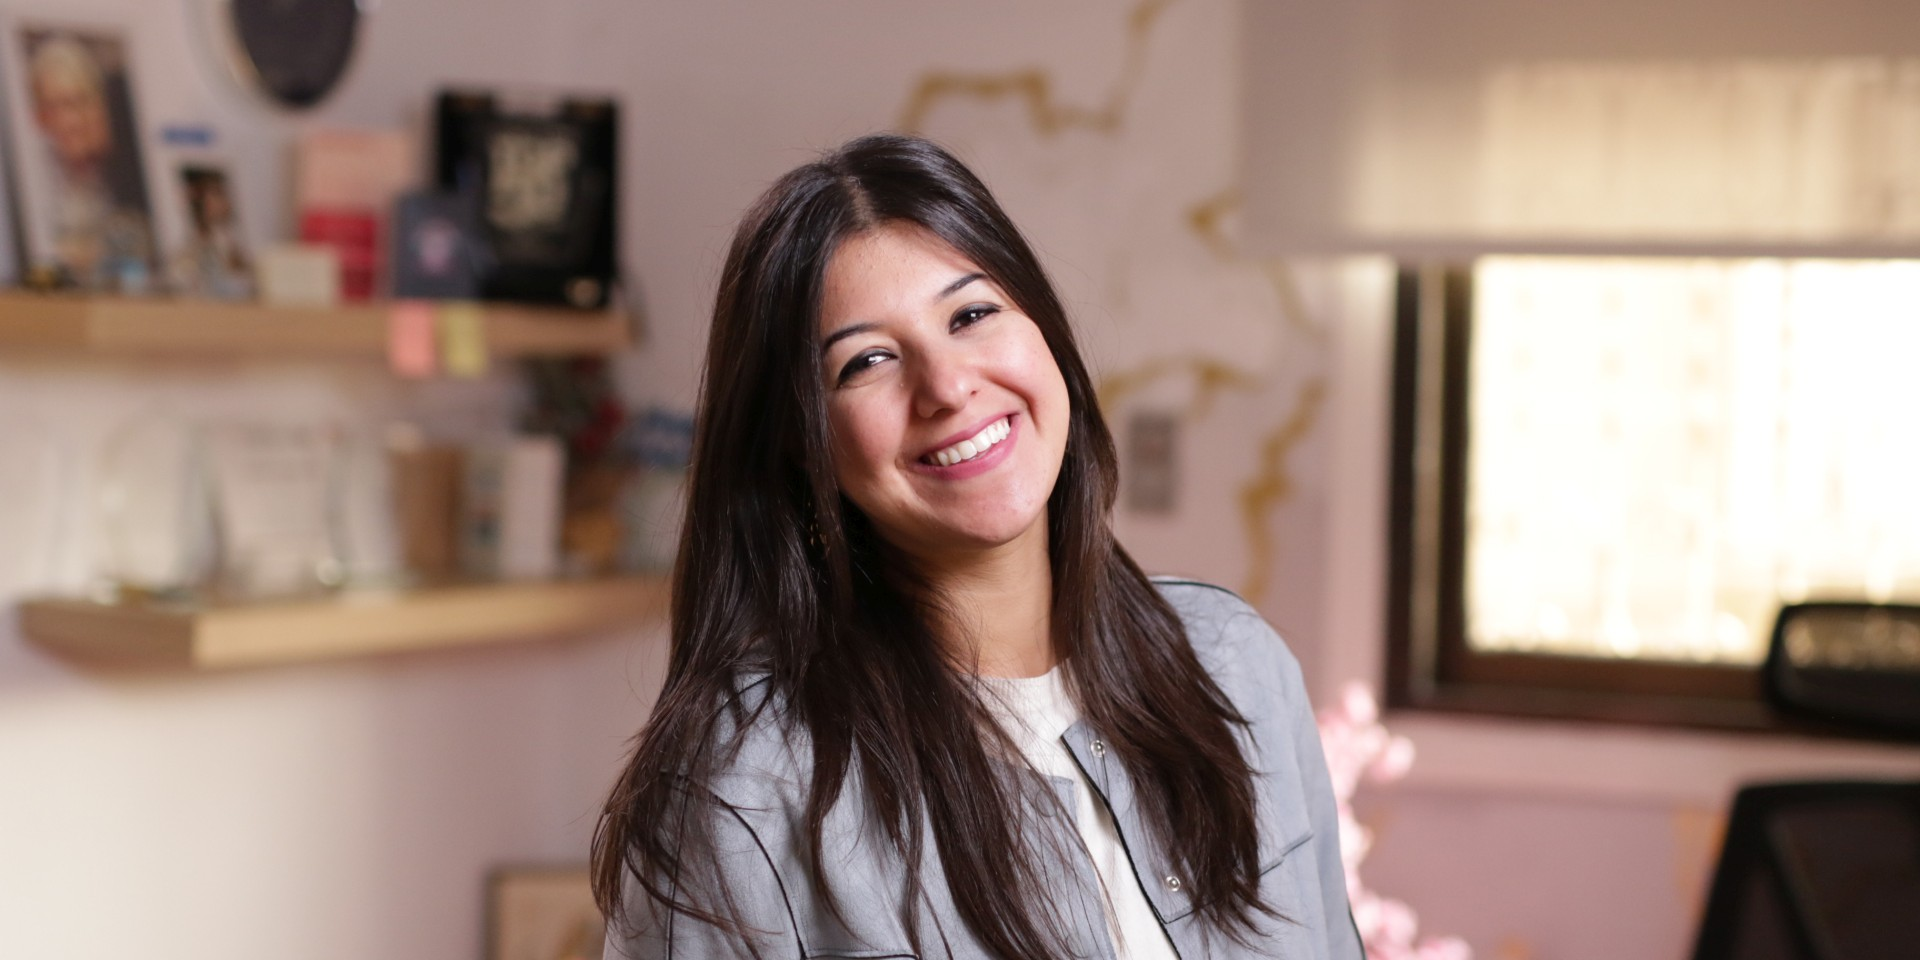 CARTIER 公佈 2020 年卡地亞靈思湧動女性創業家獎得獎者